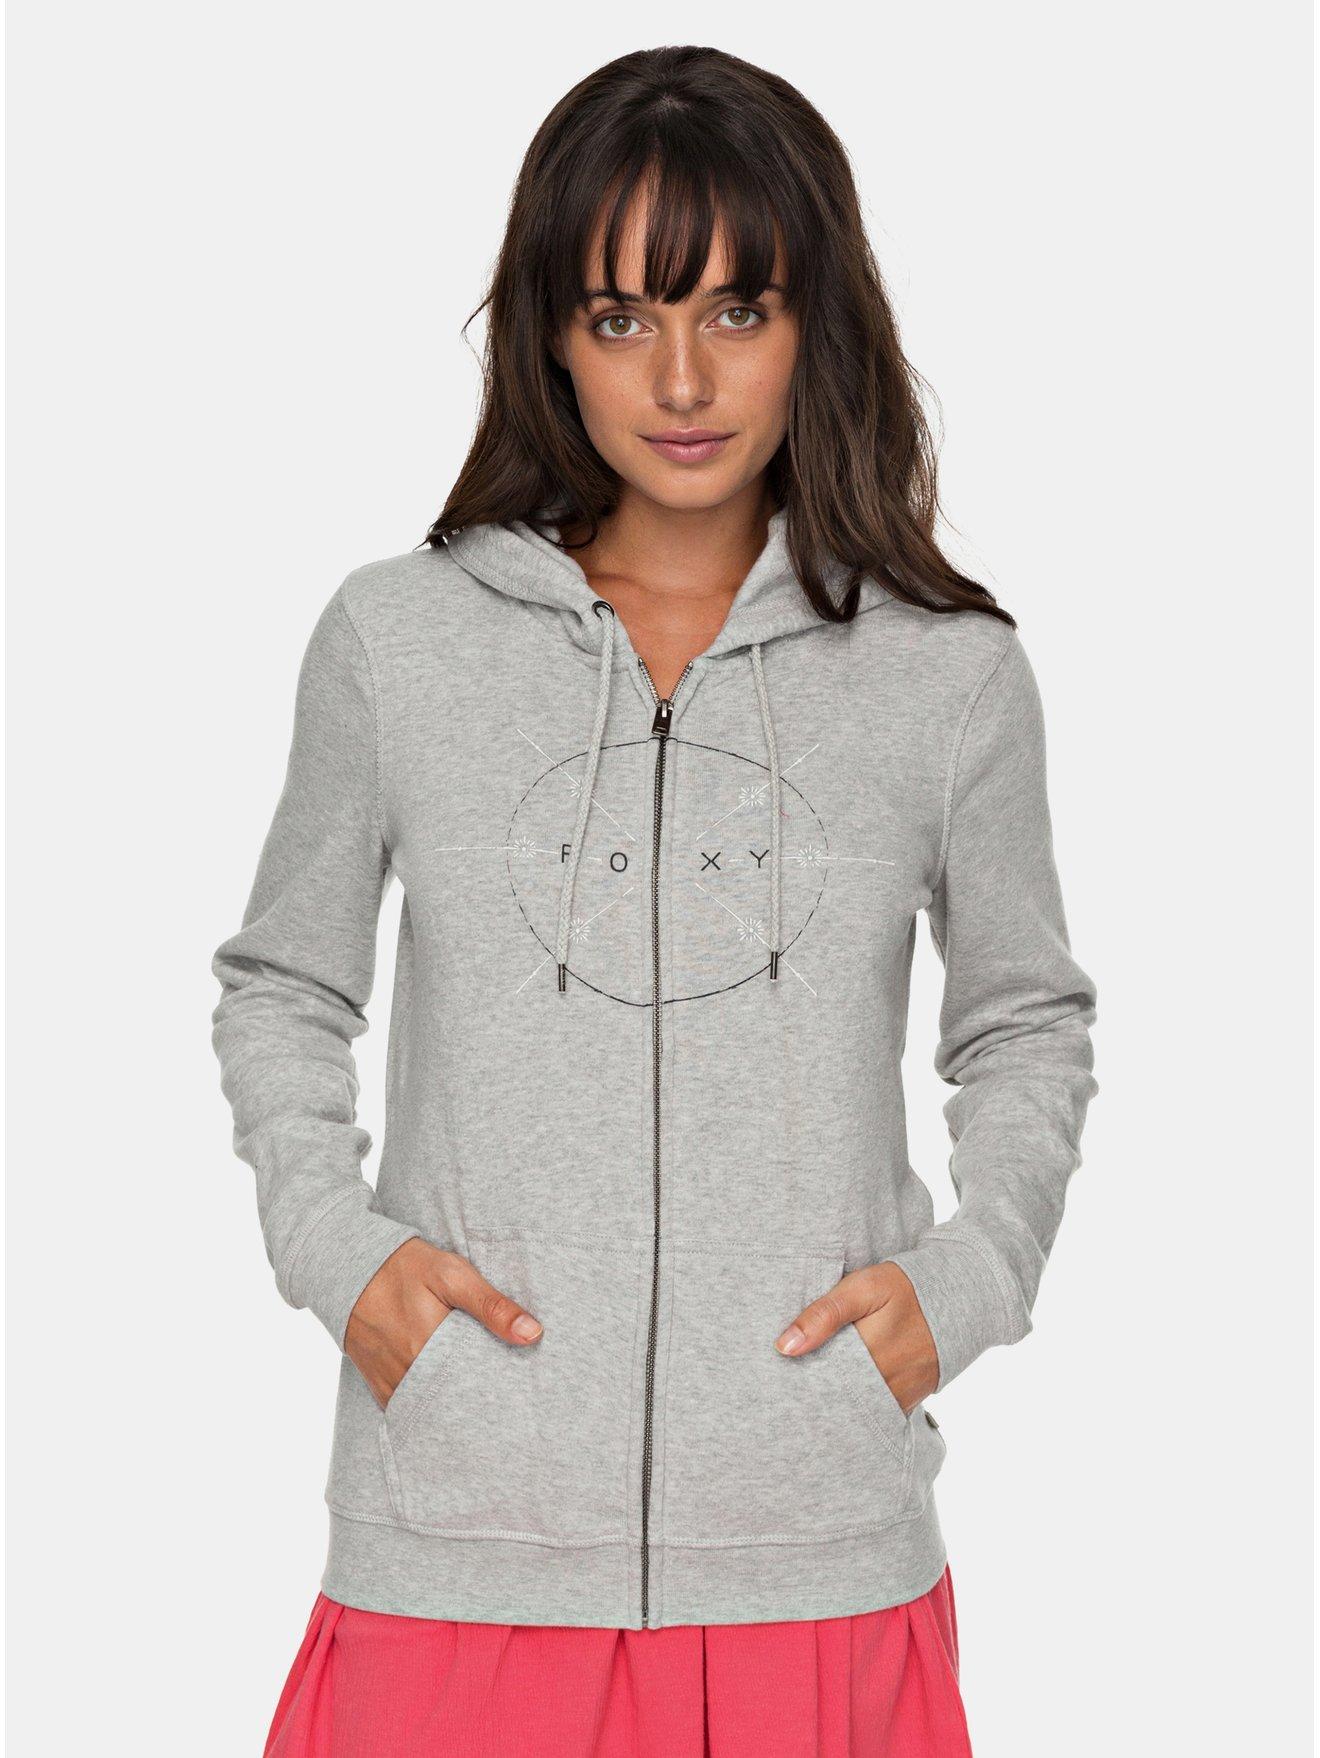 Světle šedá dámská mikina na zip Roxy Full of Joy